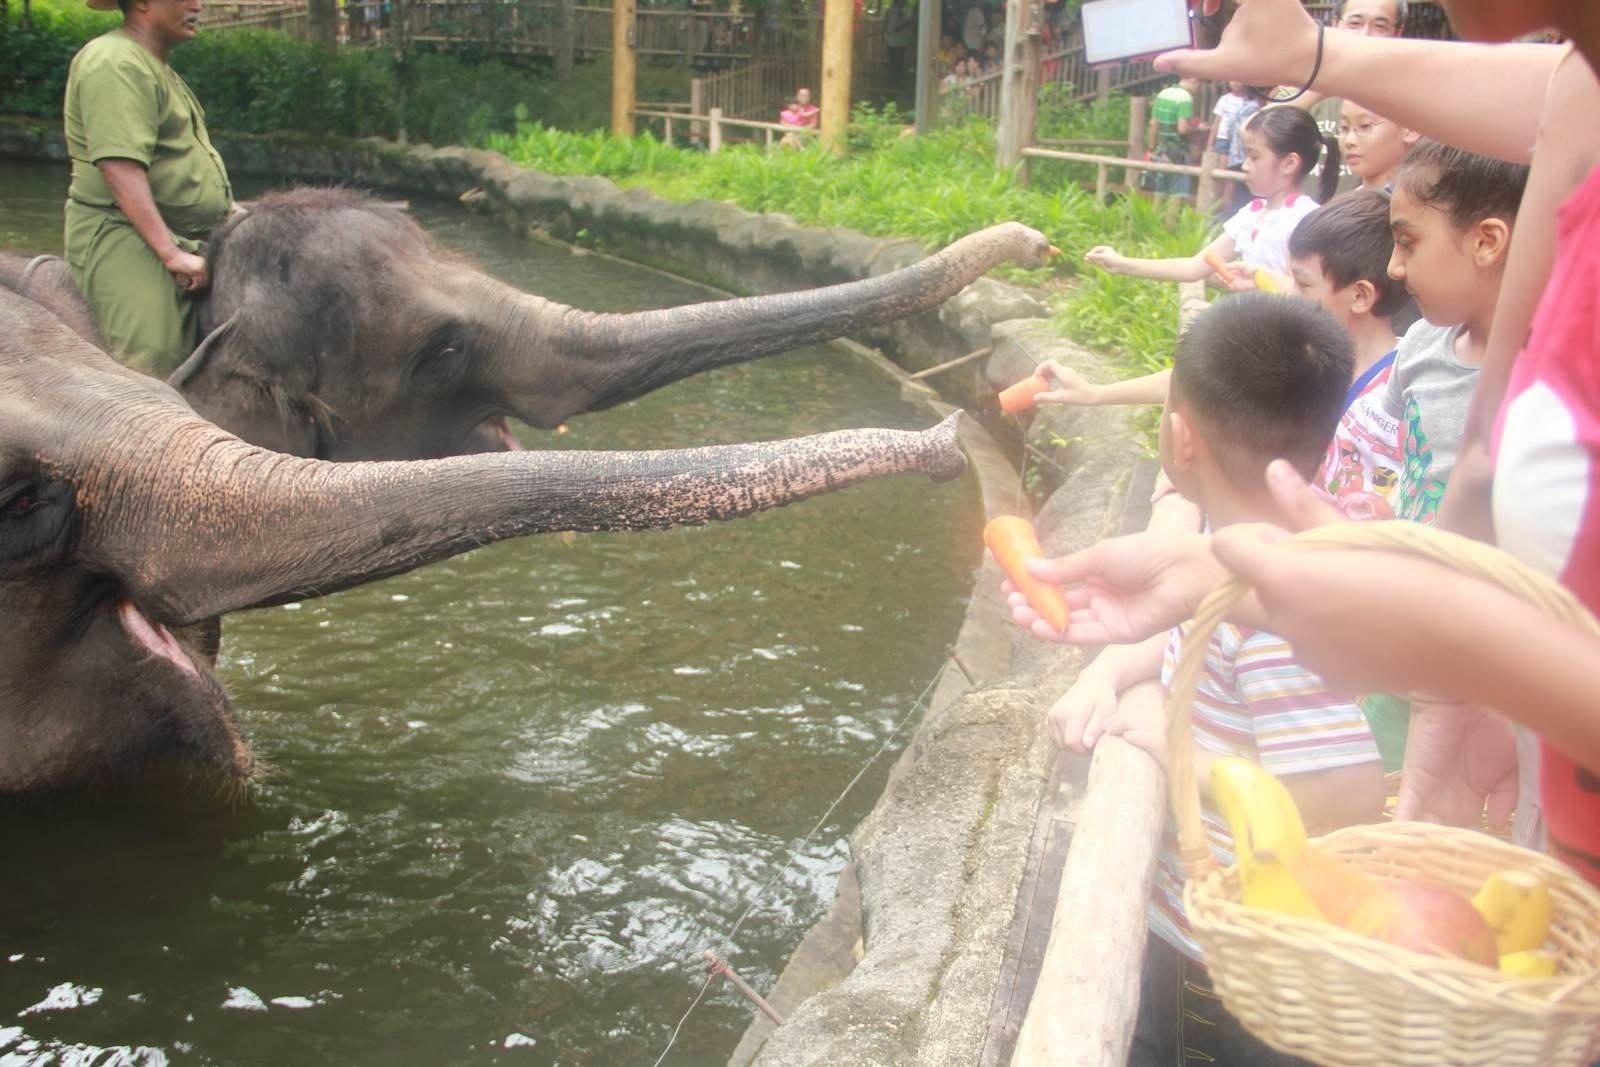 新加坡有三个动物园:日间动物园,河川生态动物园,夜间动物园,还有一